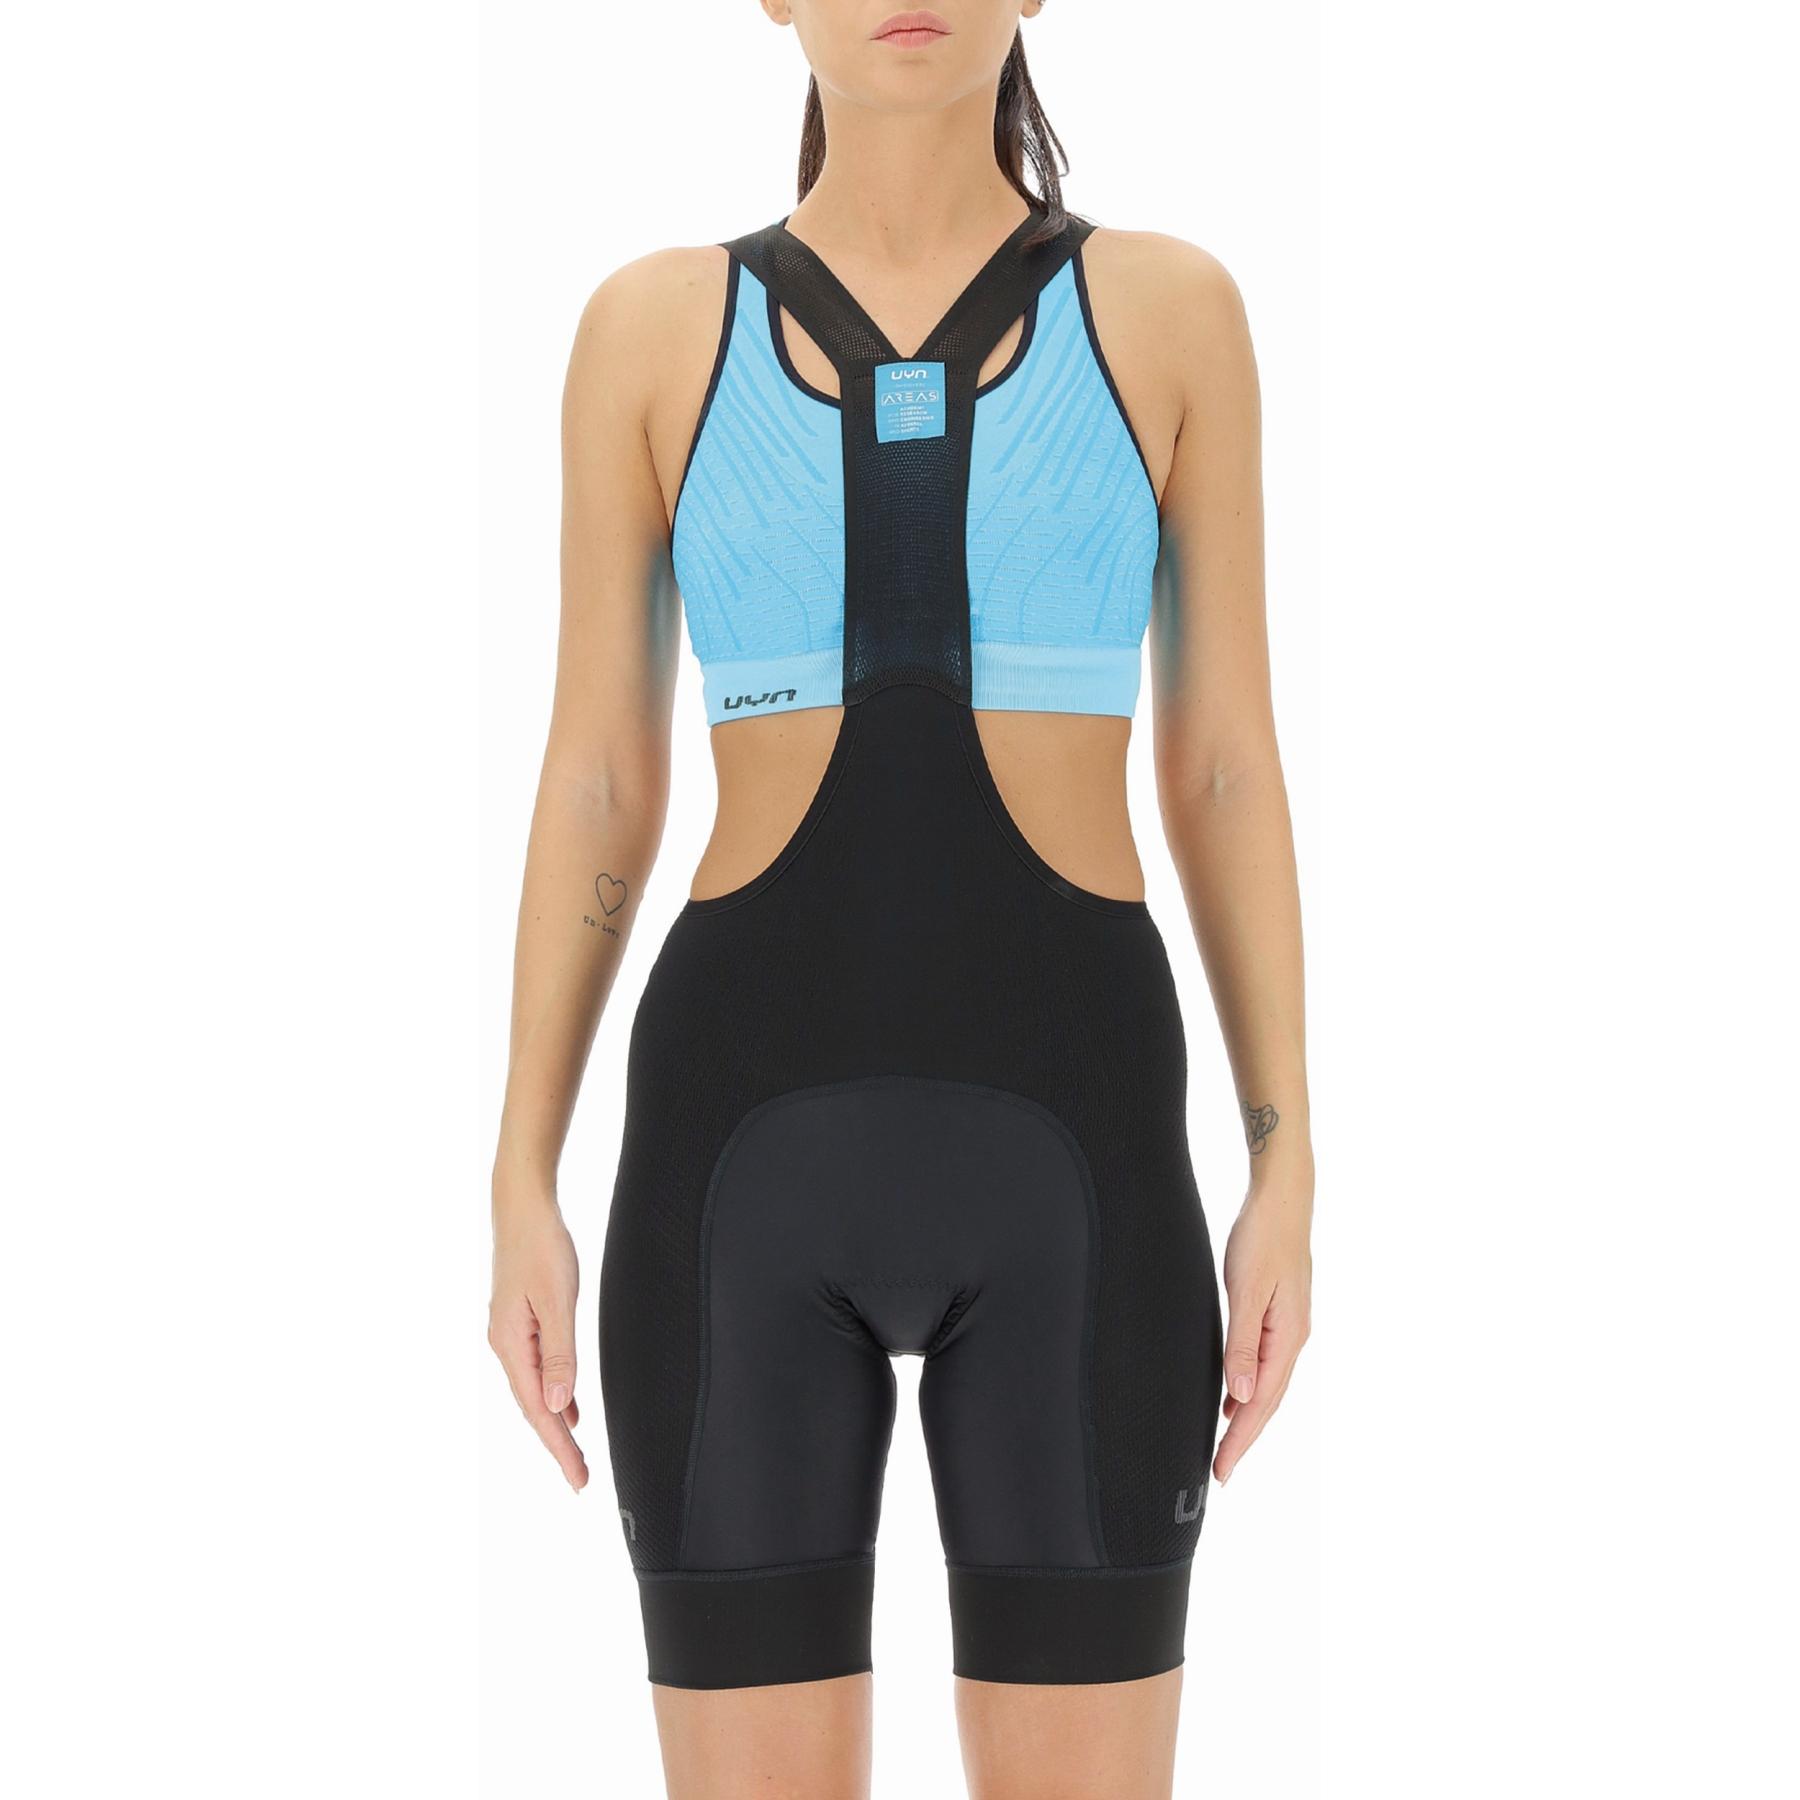 UYN Biking Ridemiles Lady Bib Short - Black/Black